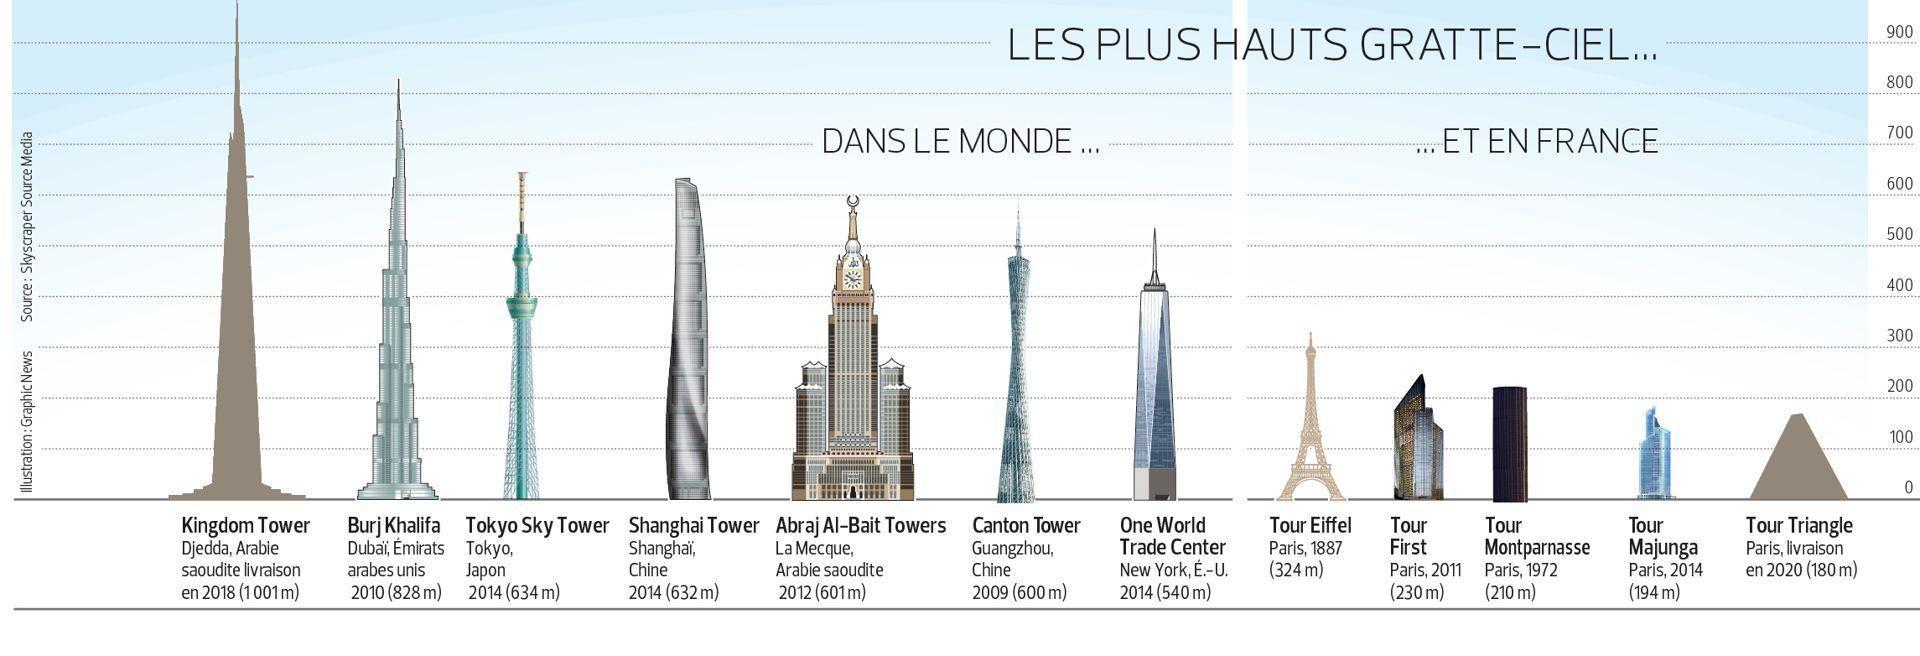 La plus haute tour du monde culminera plus d un kilom tre - Hauteur plus grande tour dubai ...